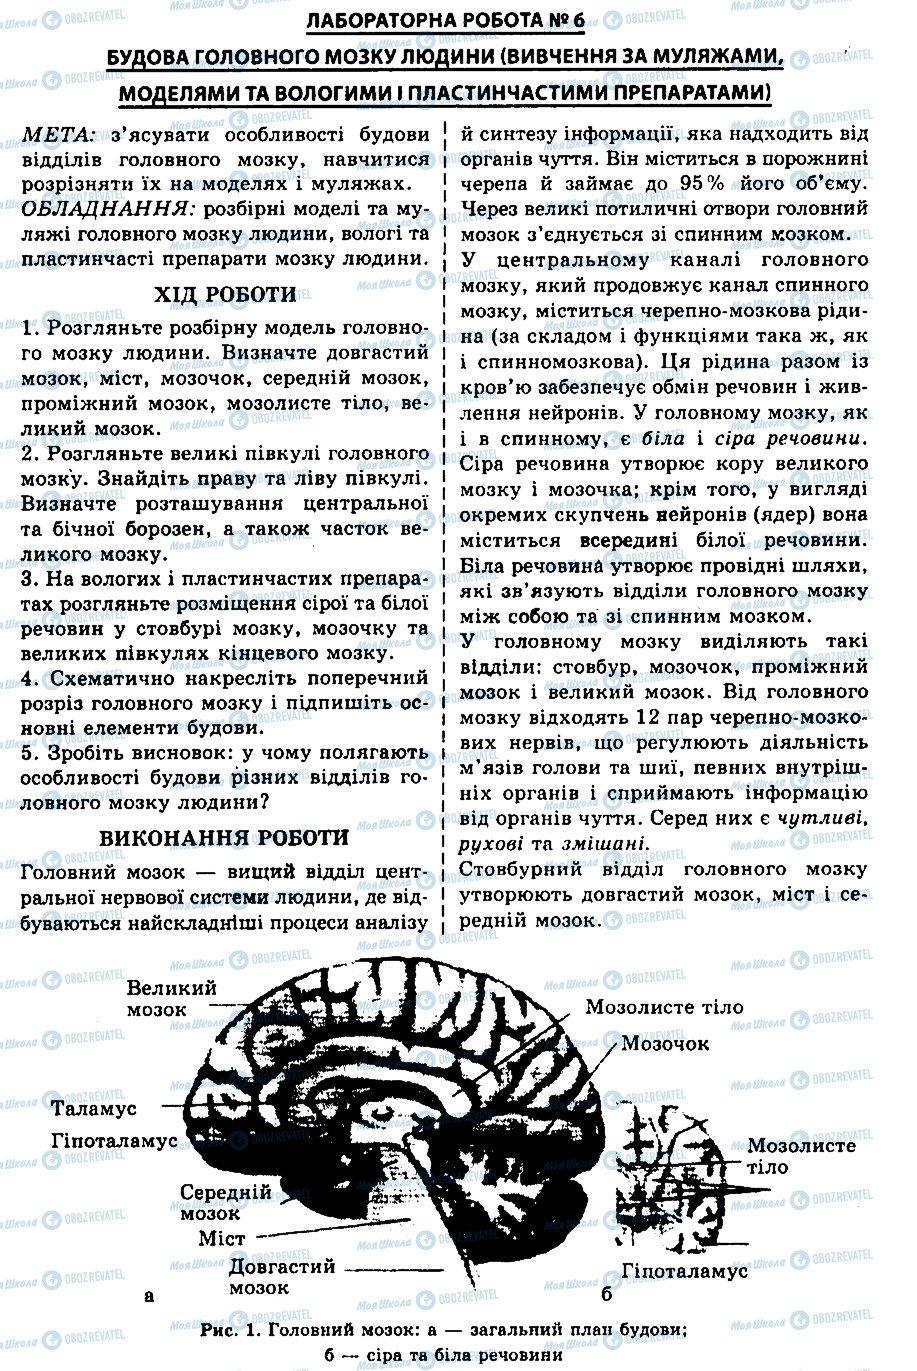 ГДЗ Биология 9 класс страница ЛР6